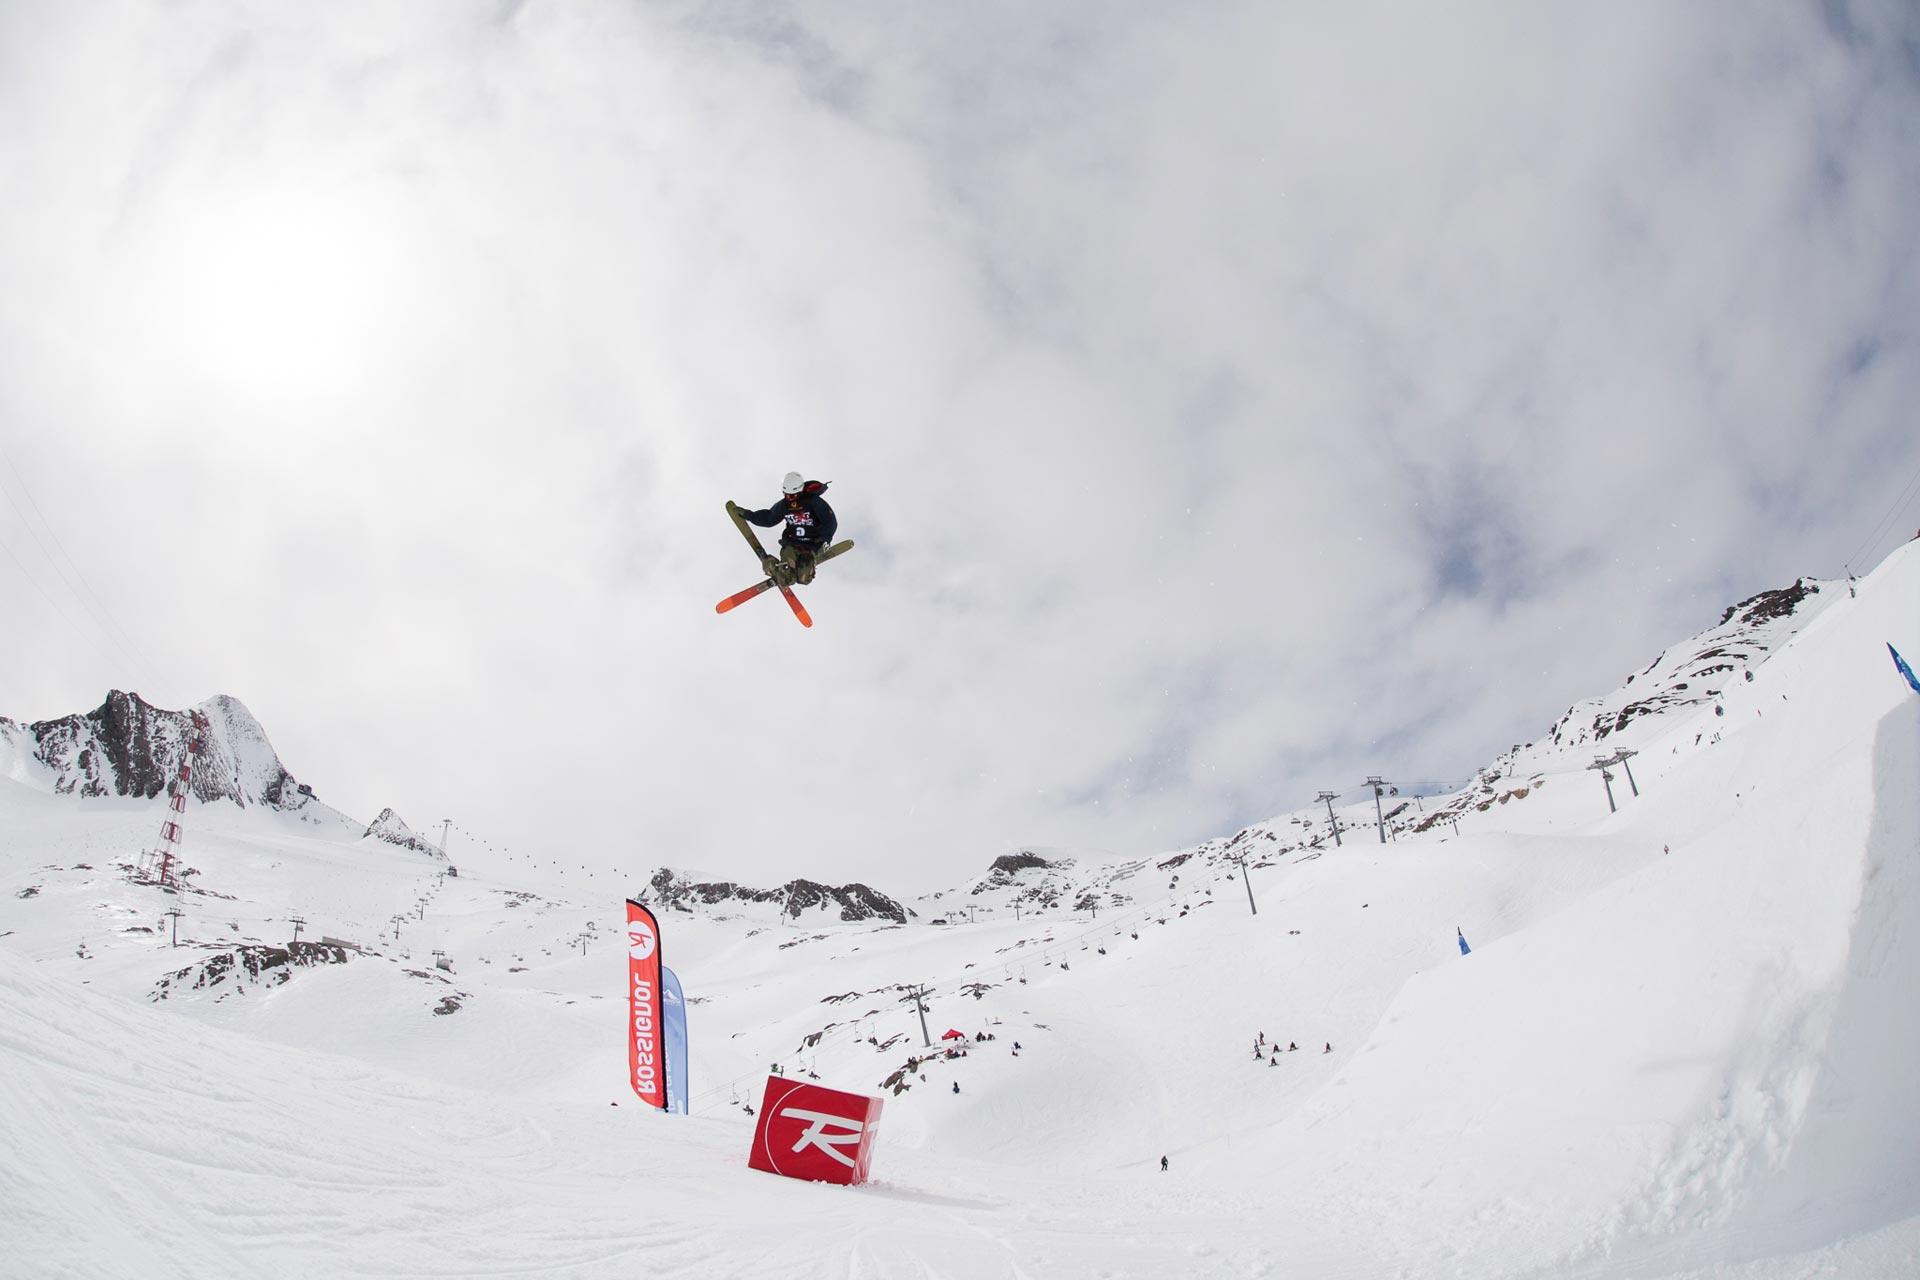 Rider: Lukas Schlickenrider